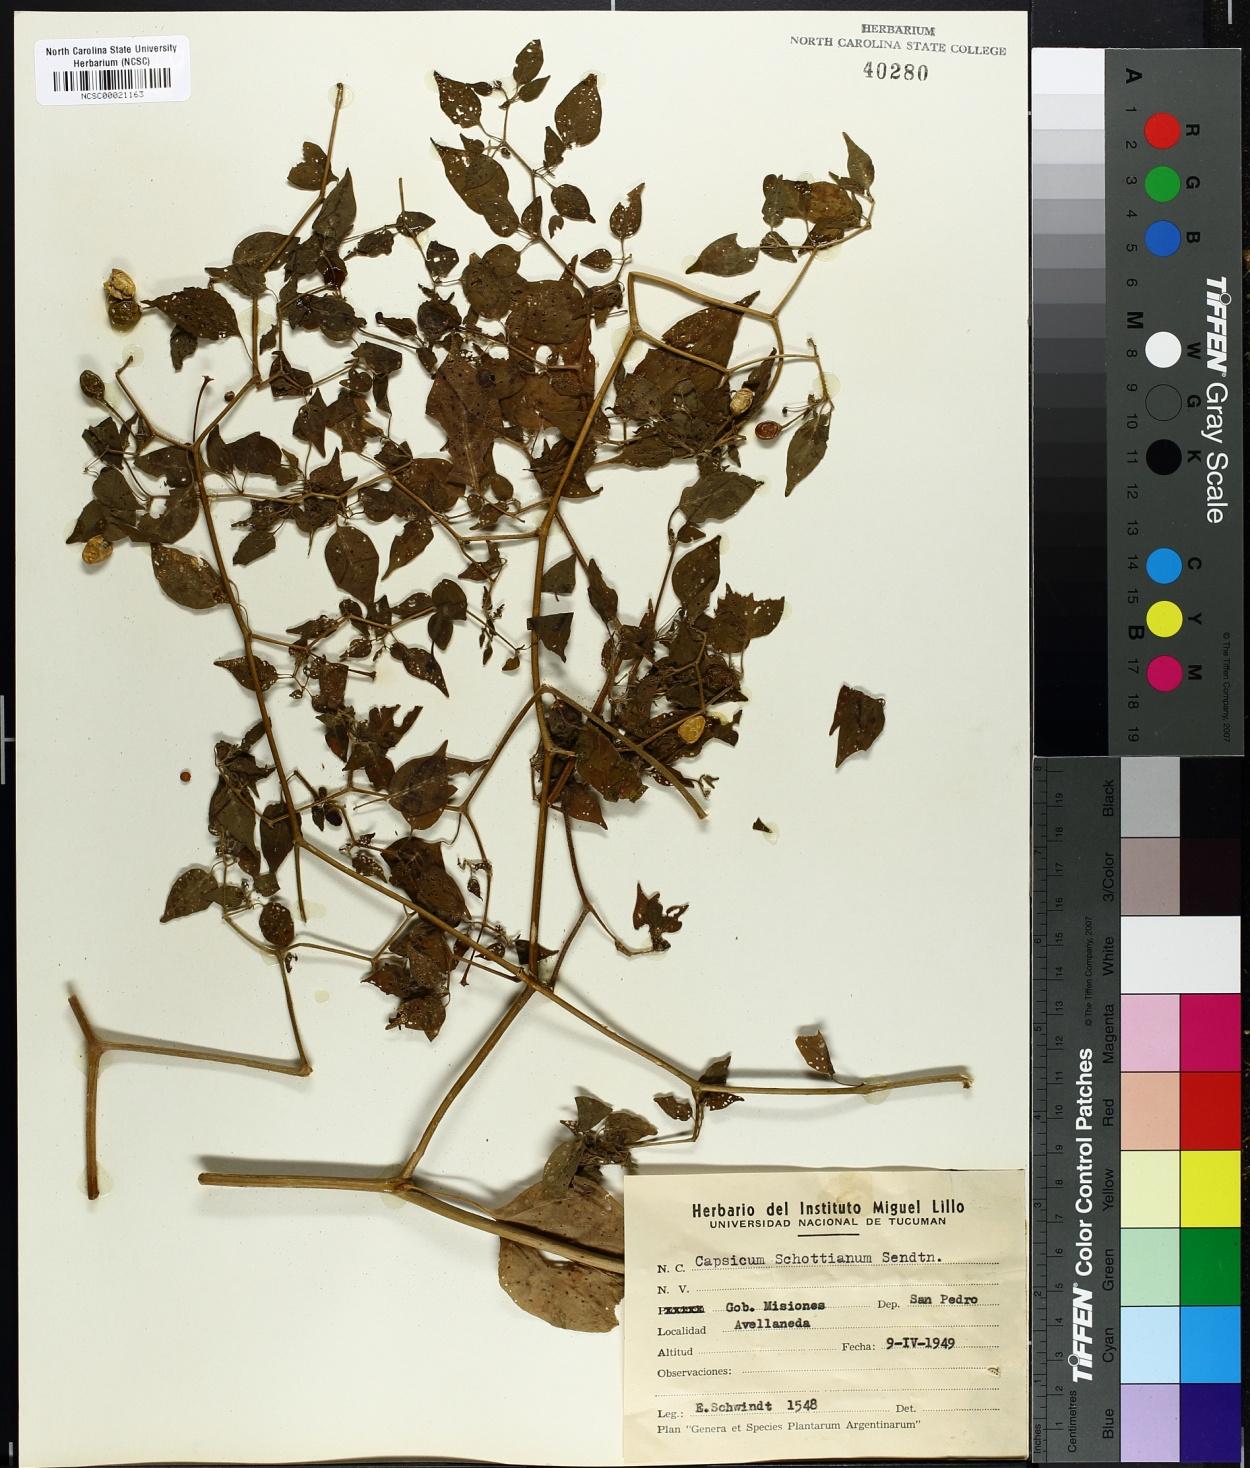 Capsicum schottianum image